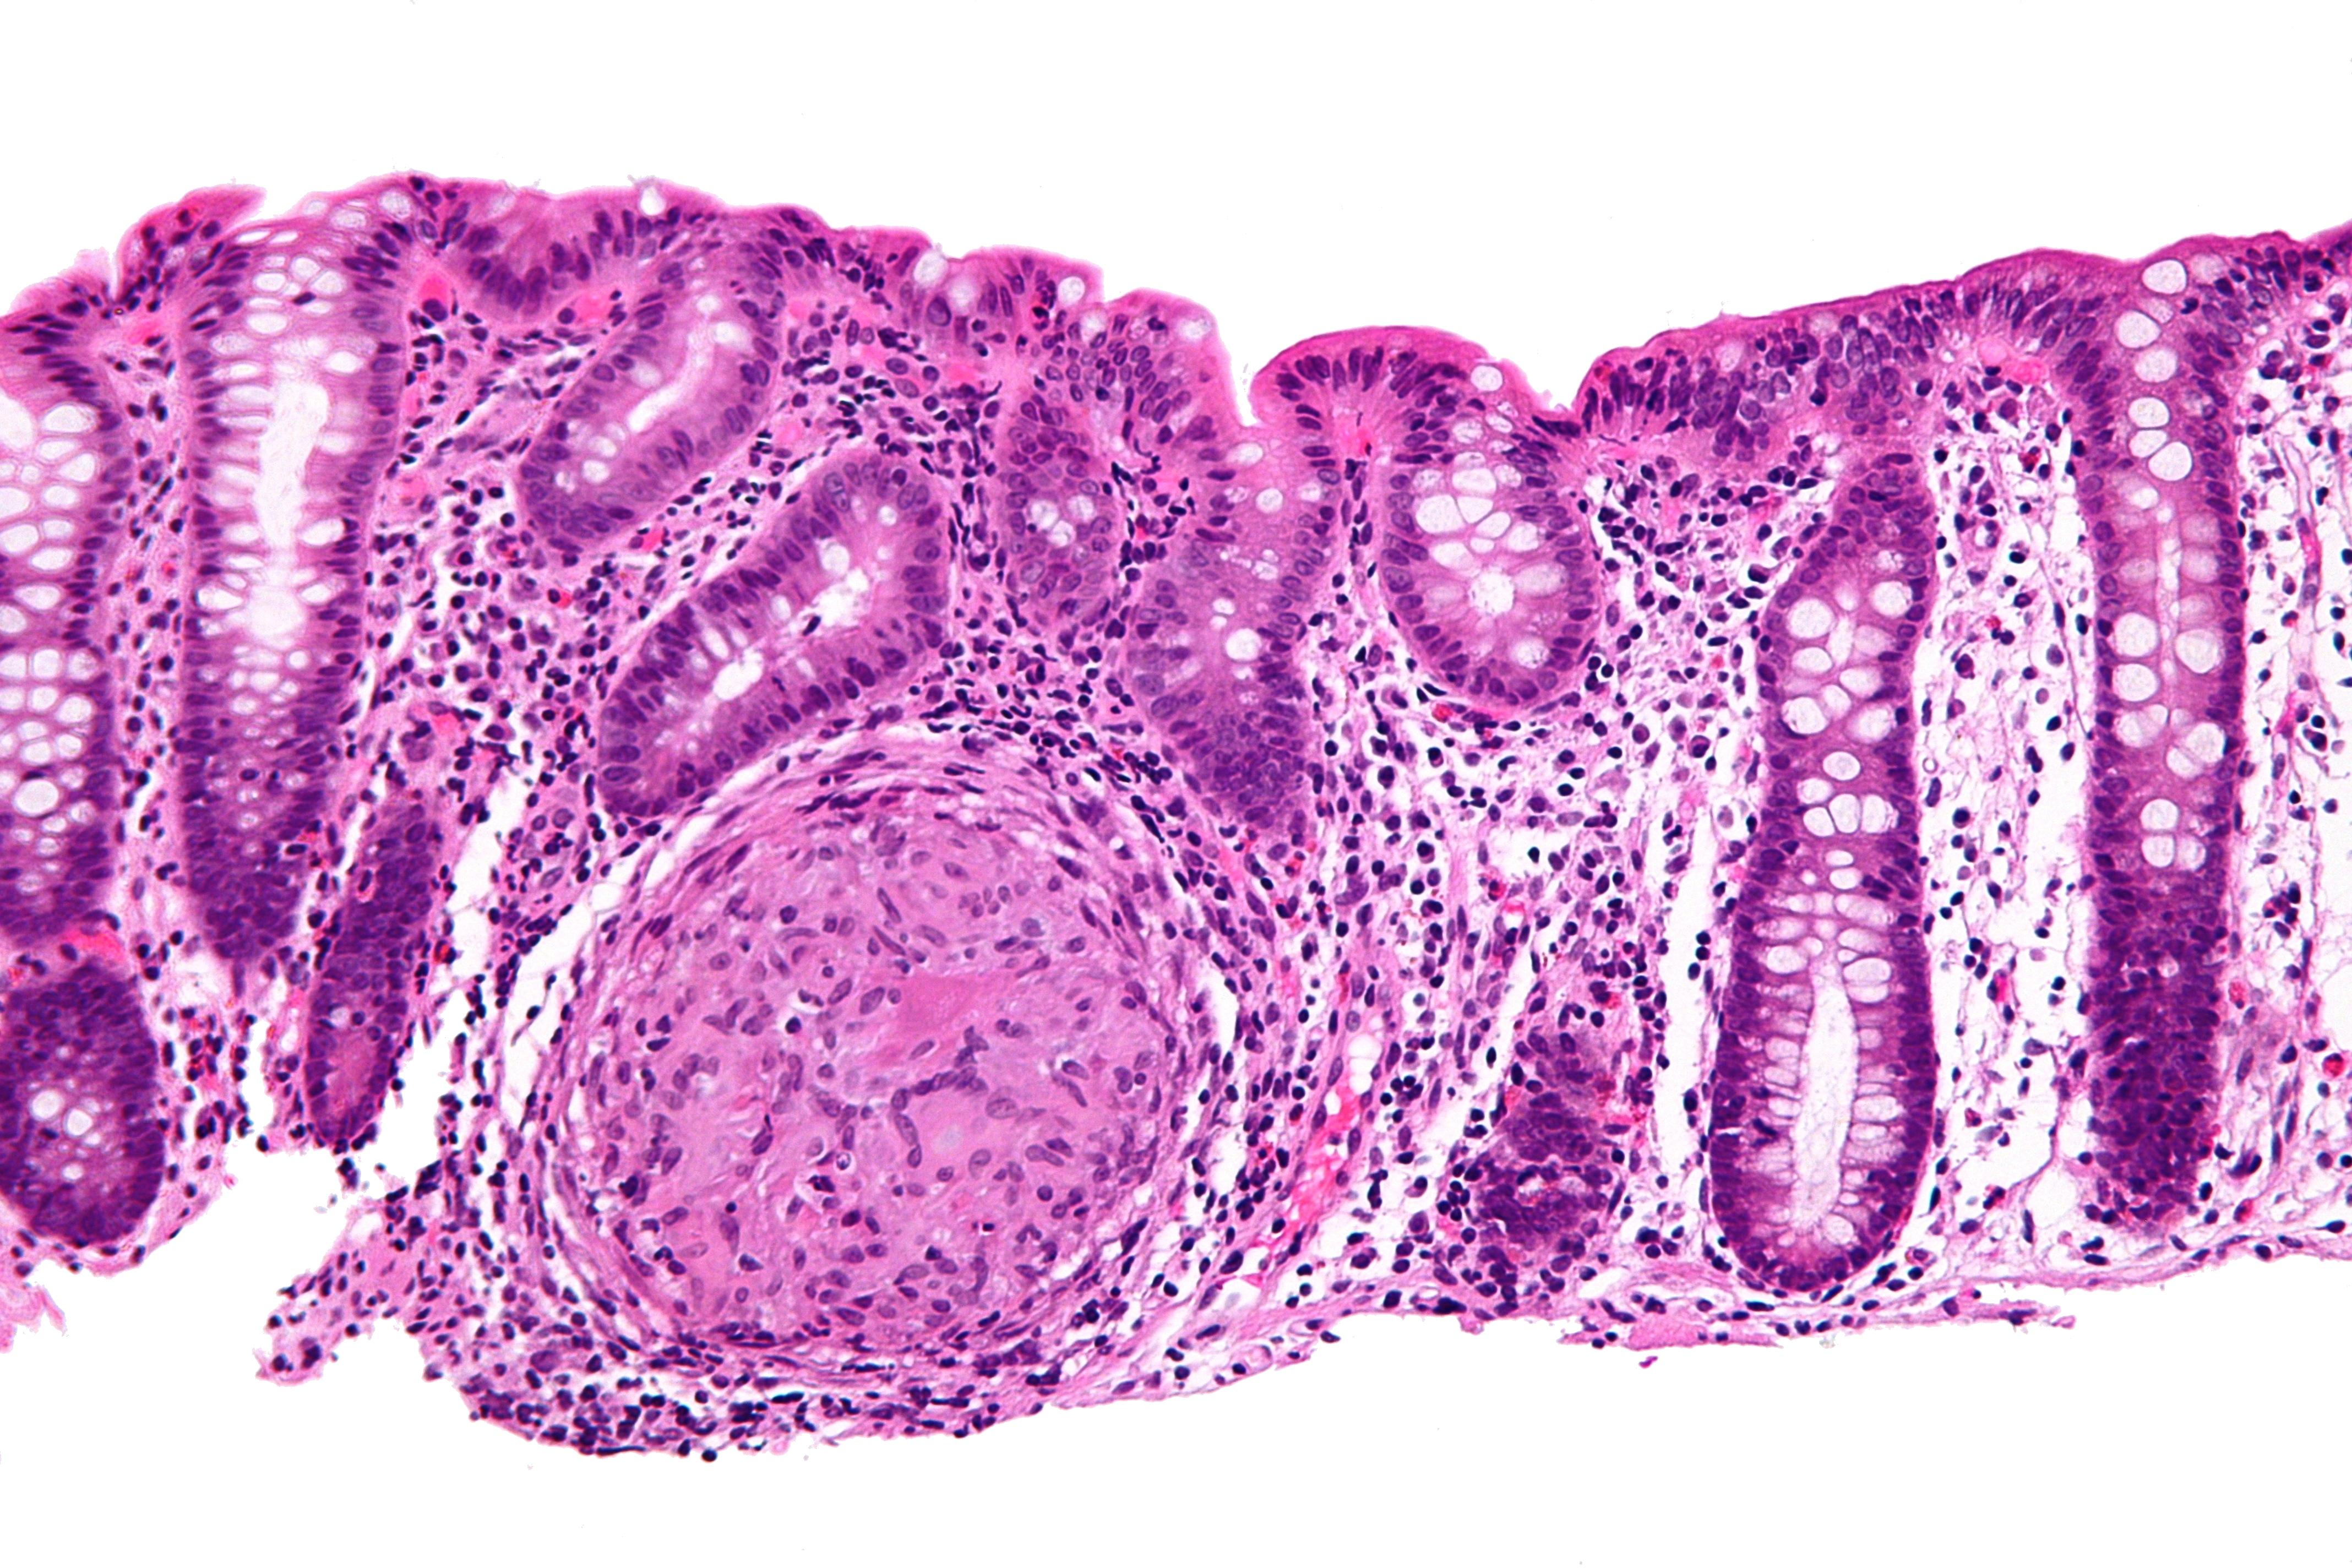 Colon Cancer 3 Inch Tumor